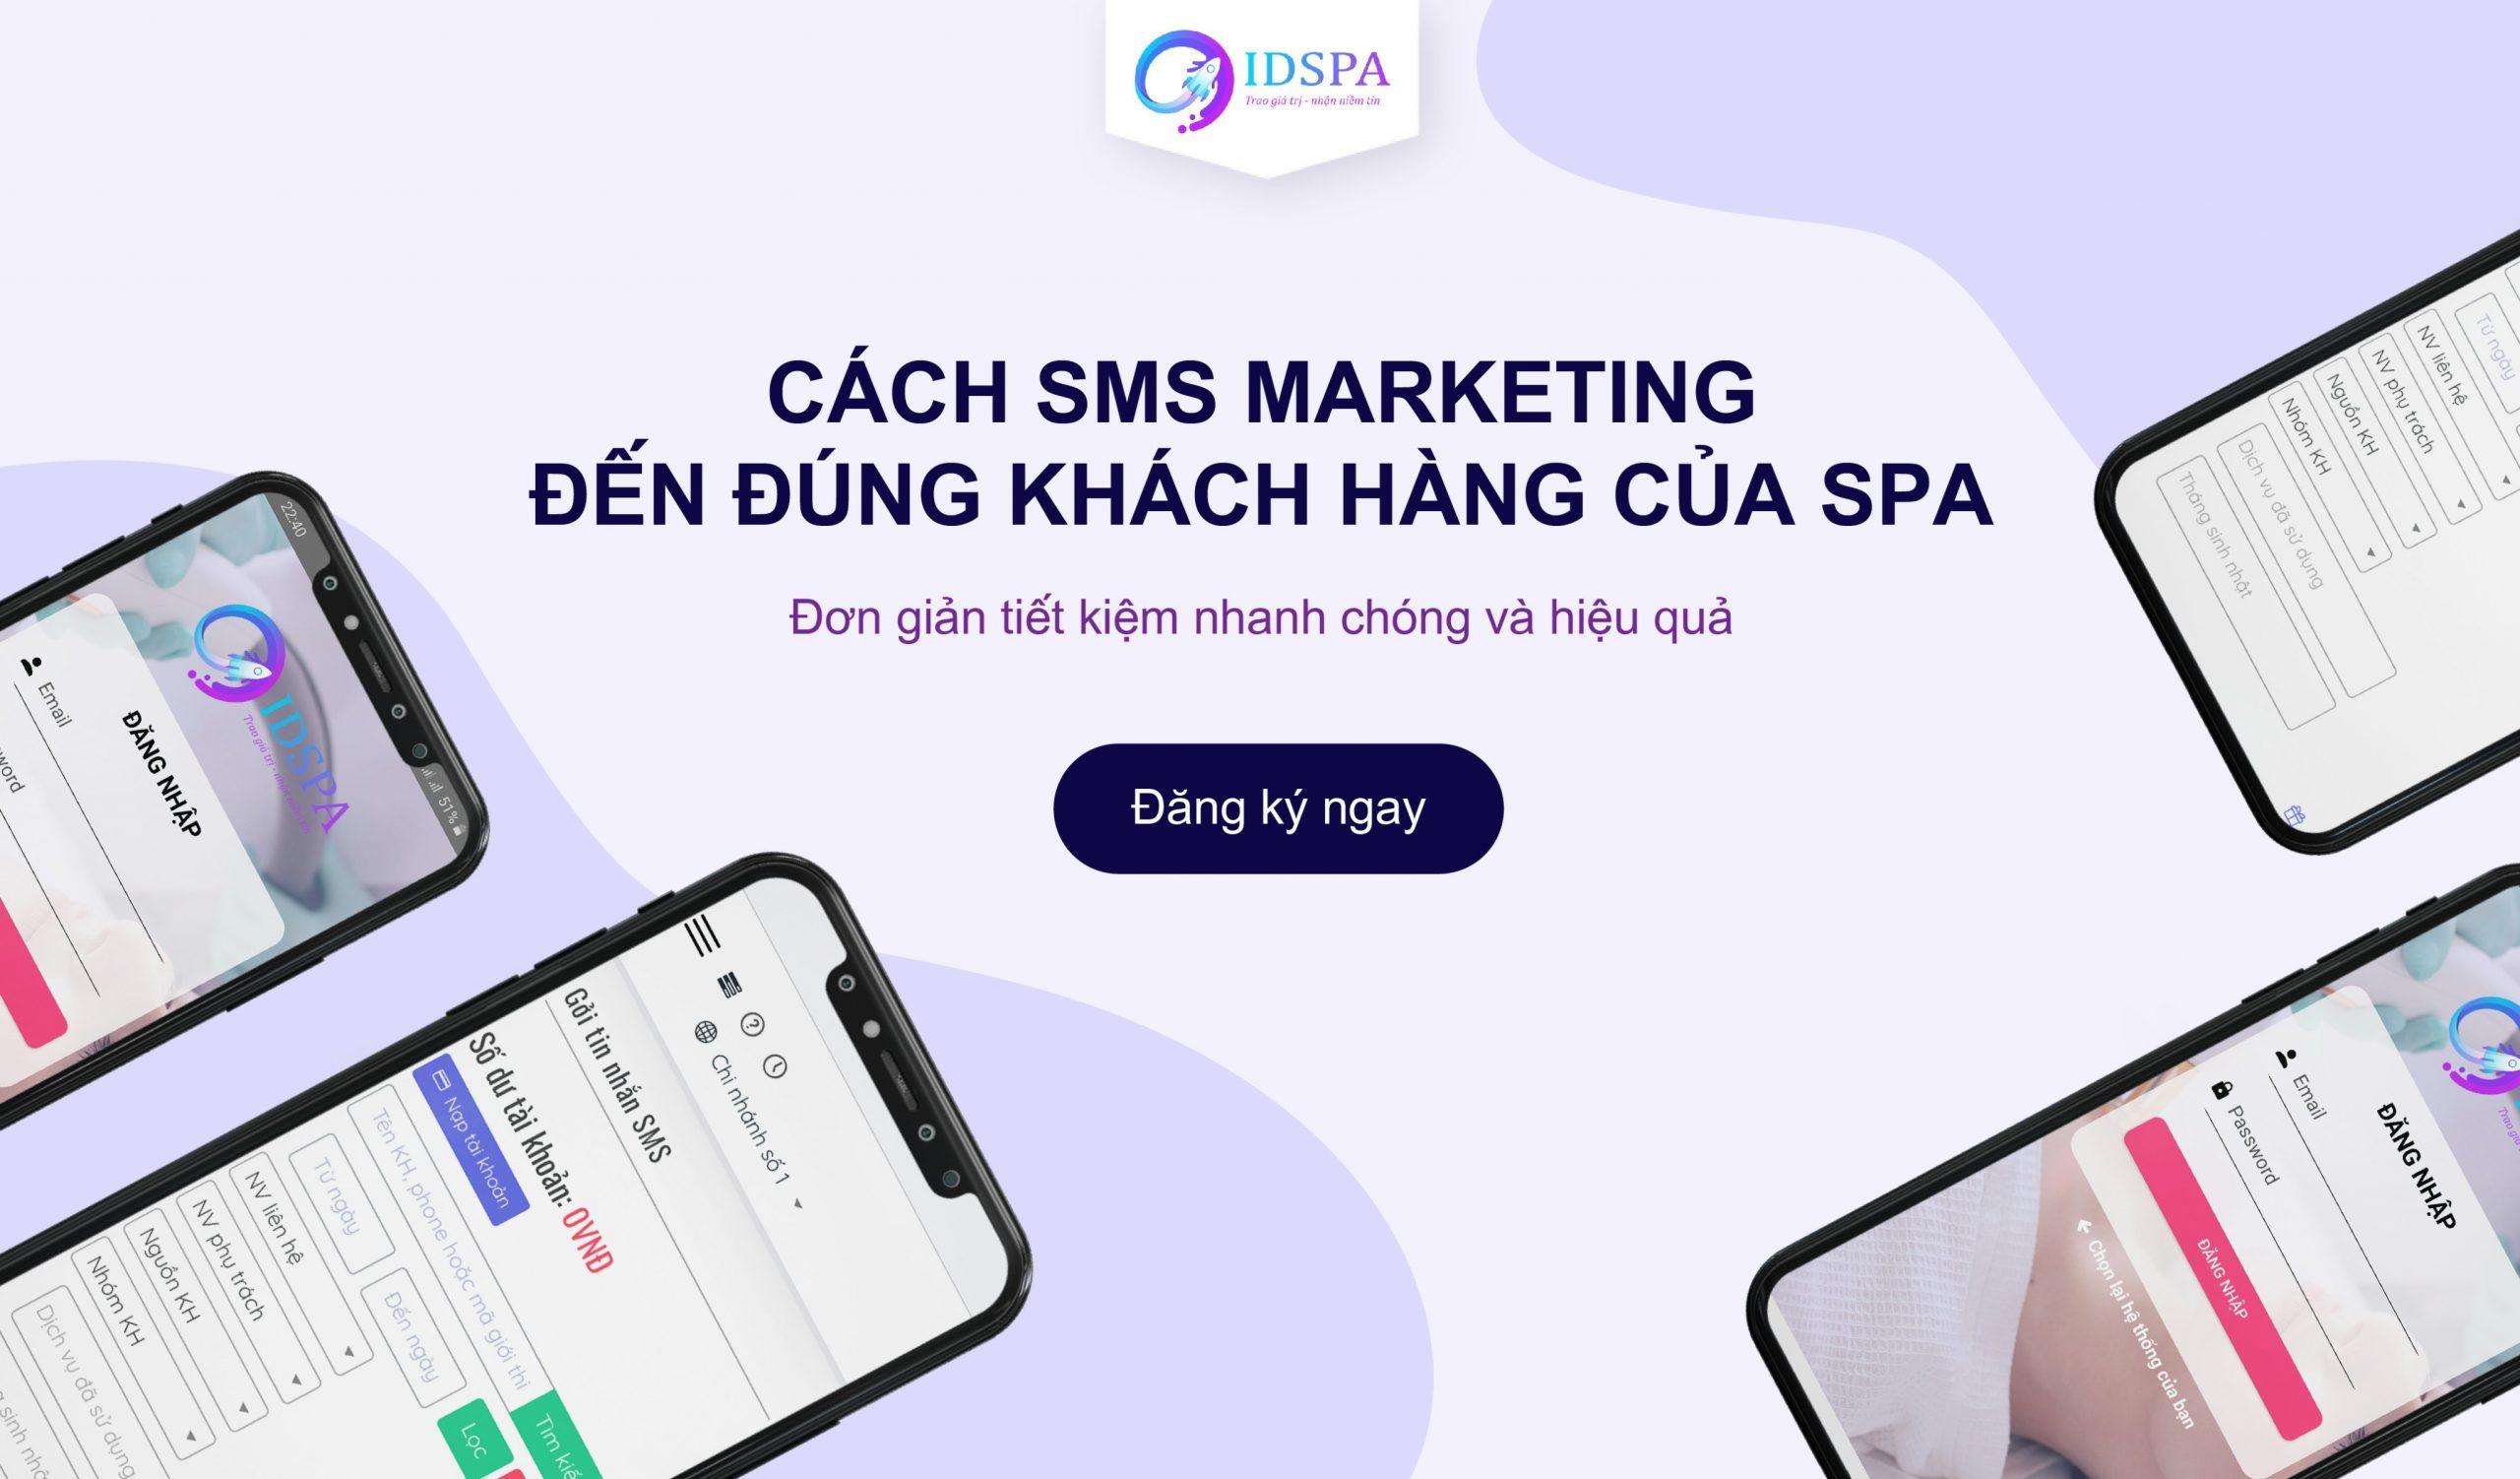 Cách SMS marketing đến đúng khách hàng của spa